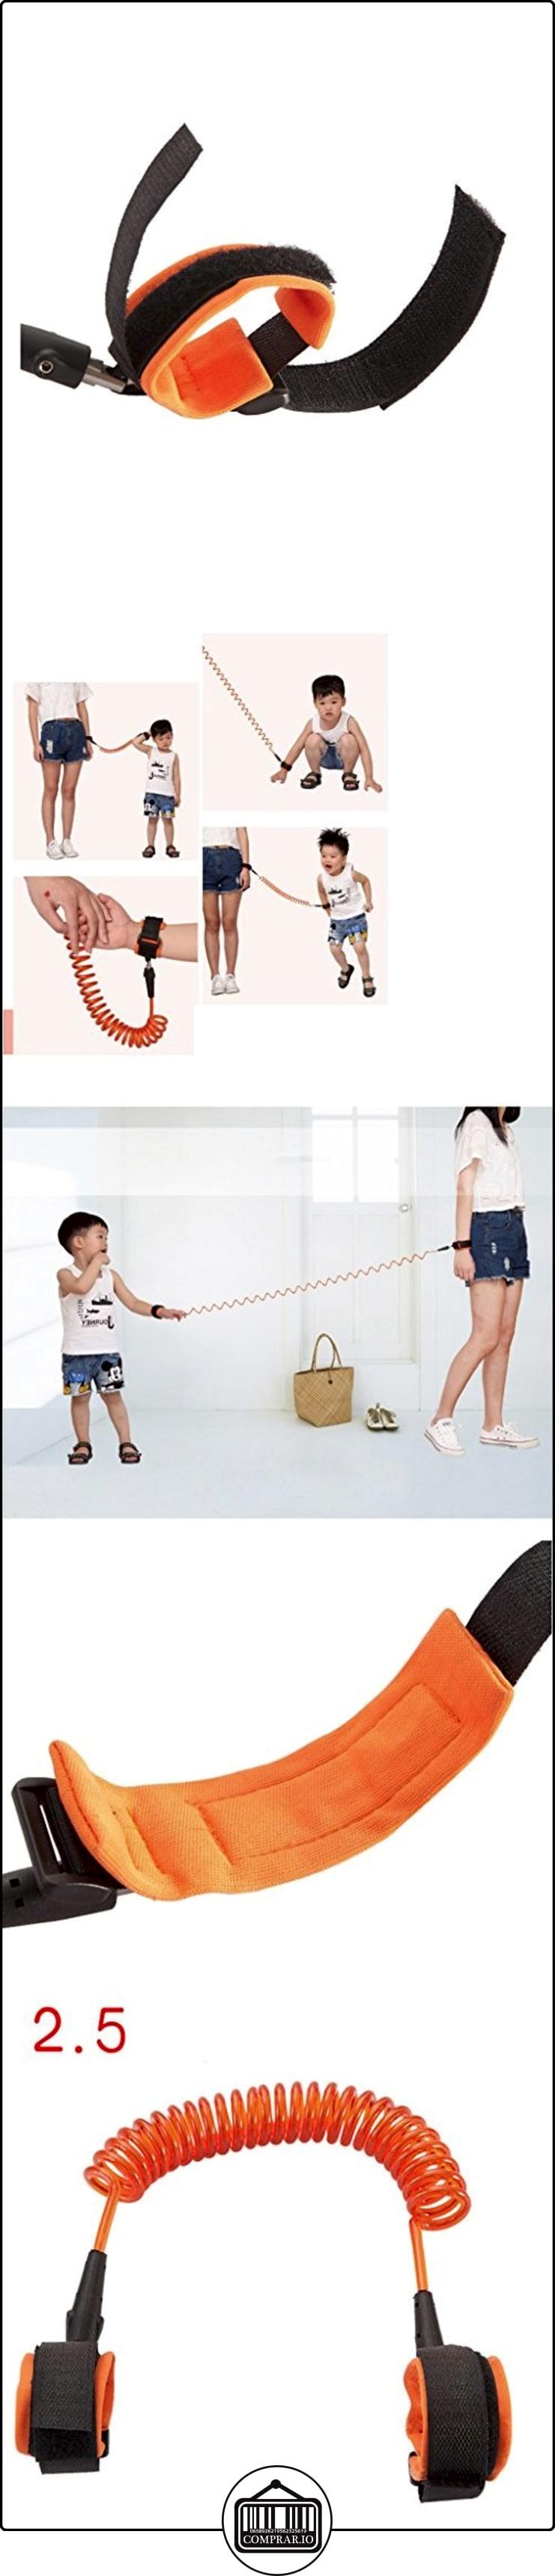 HOME perdida anti del niño-tracción de la cuerda del bebé niño Anti-perdido pie de la correa de la correa Mochila anti-pérdida del cinturón de seguridad editaron Naranja Azul ( Color : Naranja , Tamaño : 2.5m )  ✿ Seguridad para tu bebé - (Protege a tus hijos) ✿ ▬► Ver oferta: http://comprar.io/goto/B01LZYLZVR